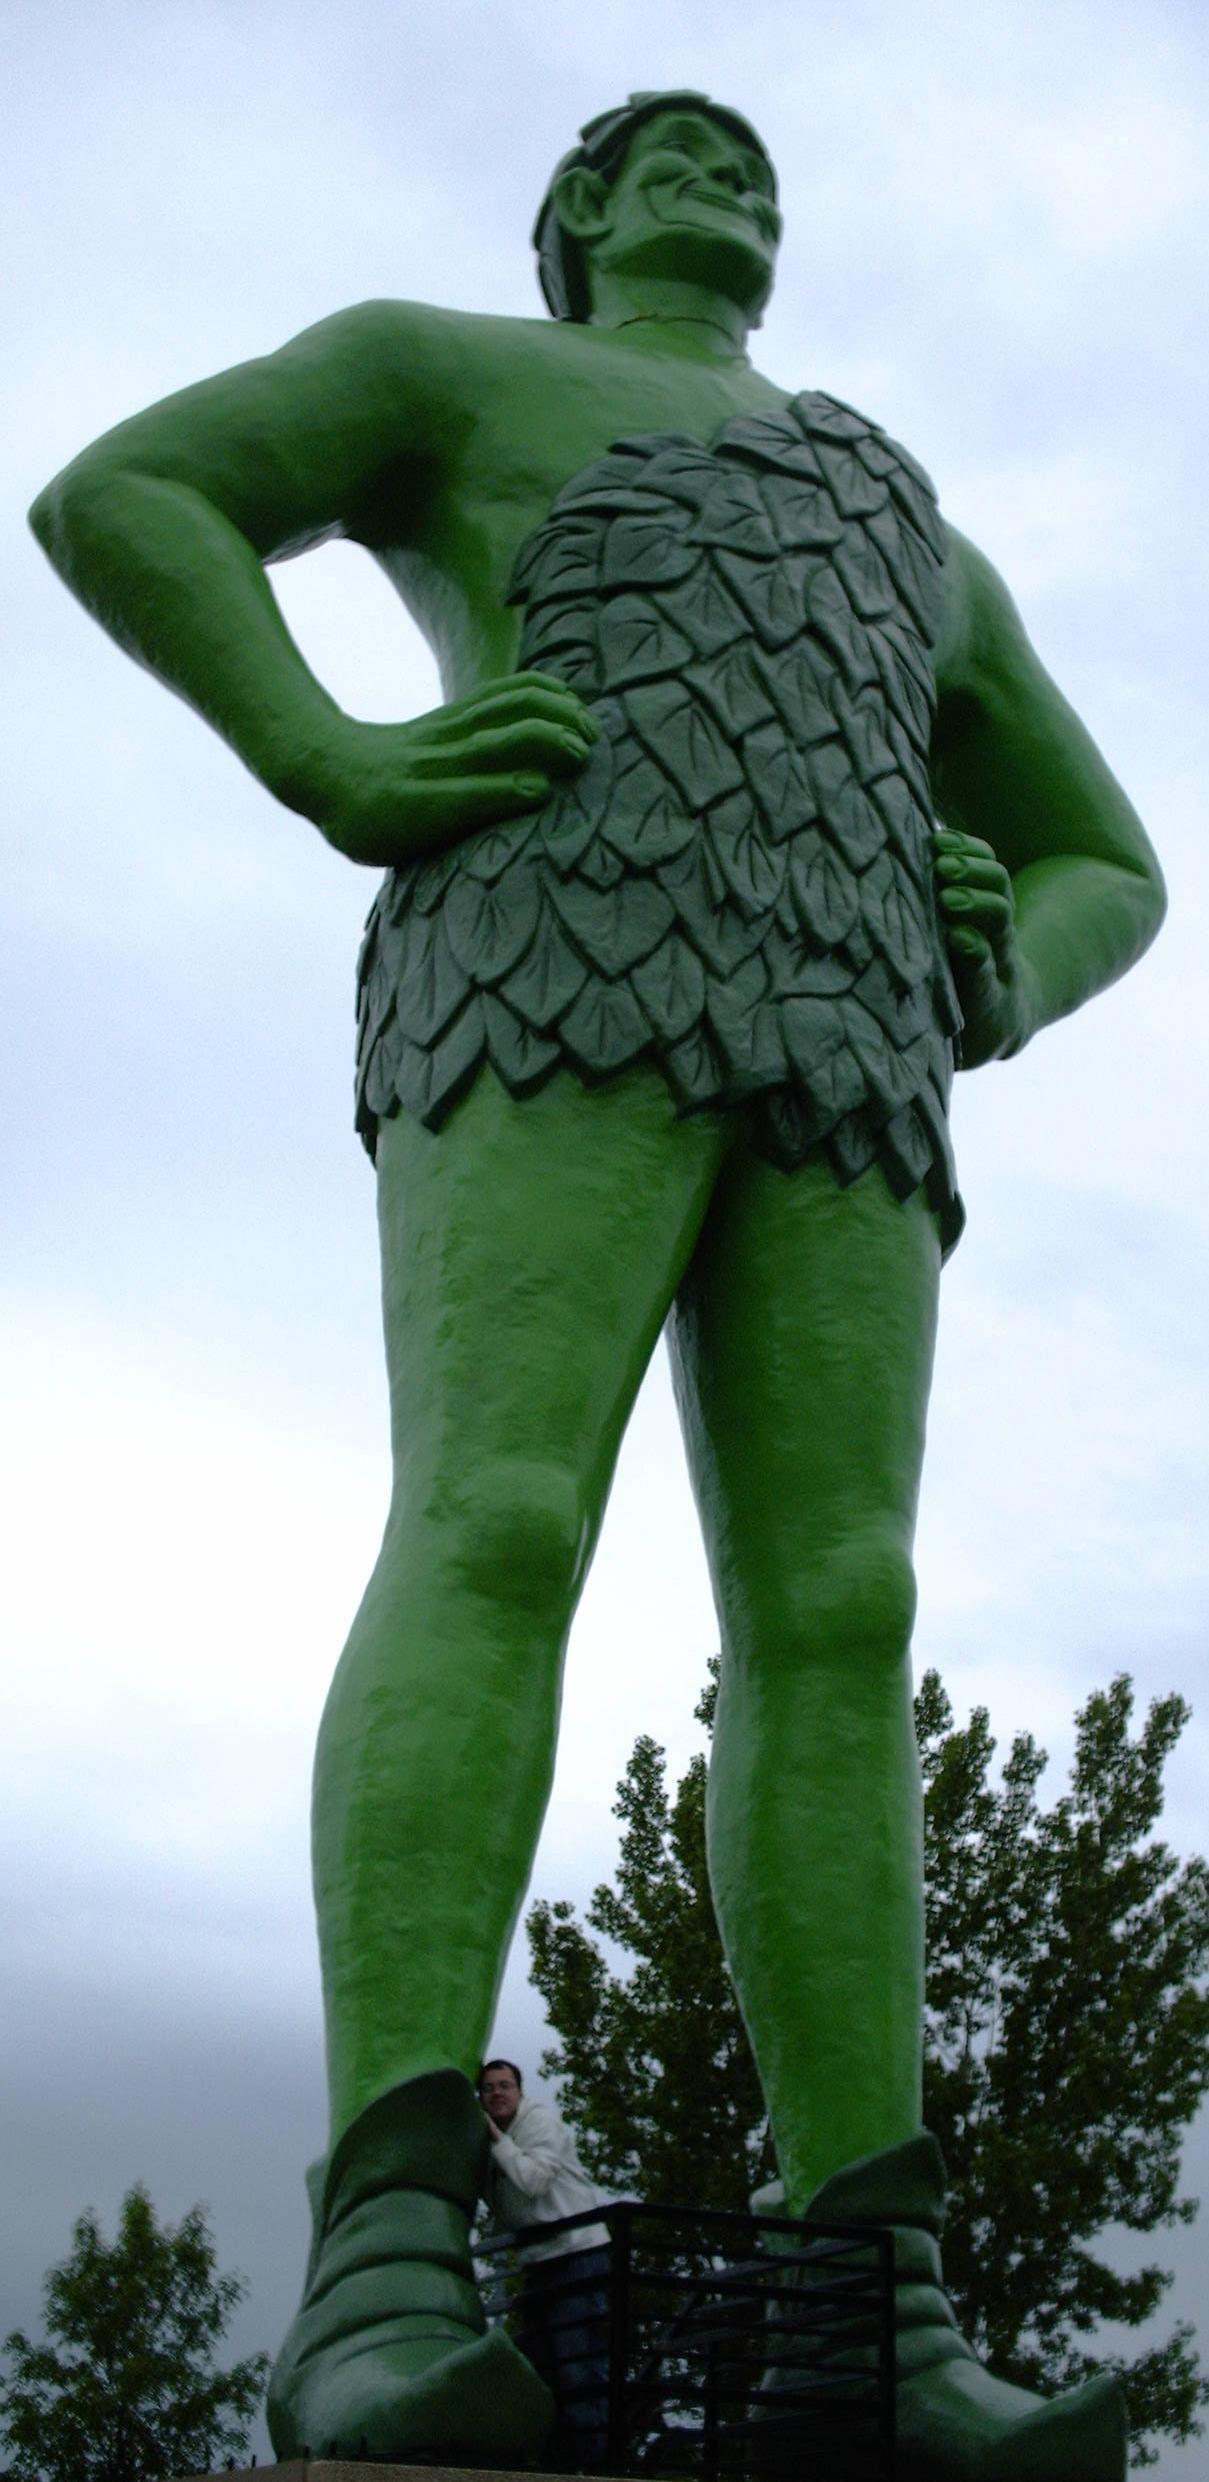 Minnesota's own: Ho ho ho Green Giant!